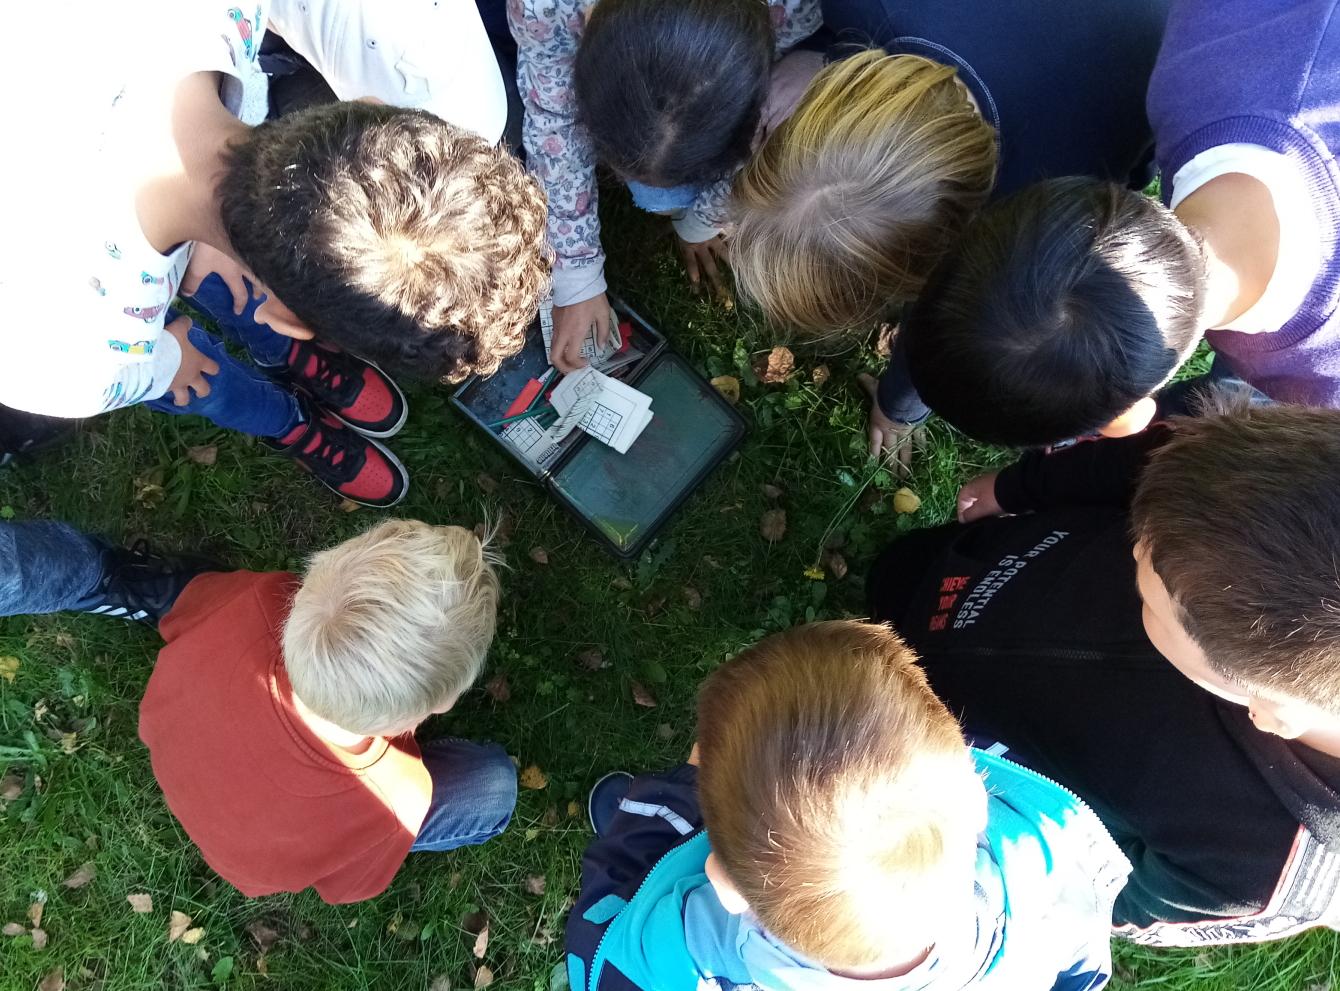 Kinder fügen eine Schatzkarte zusammen.